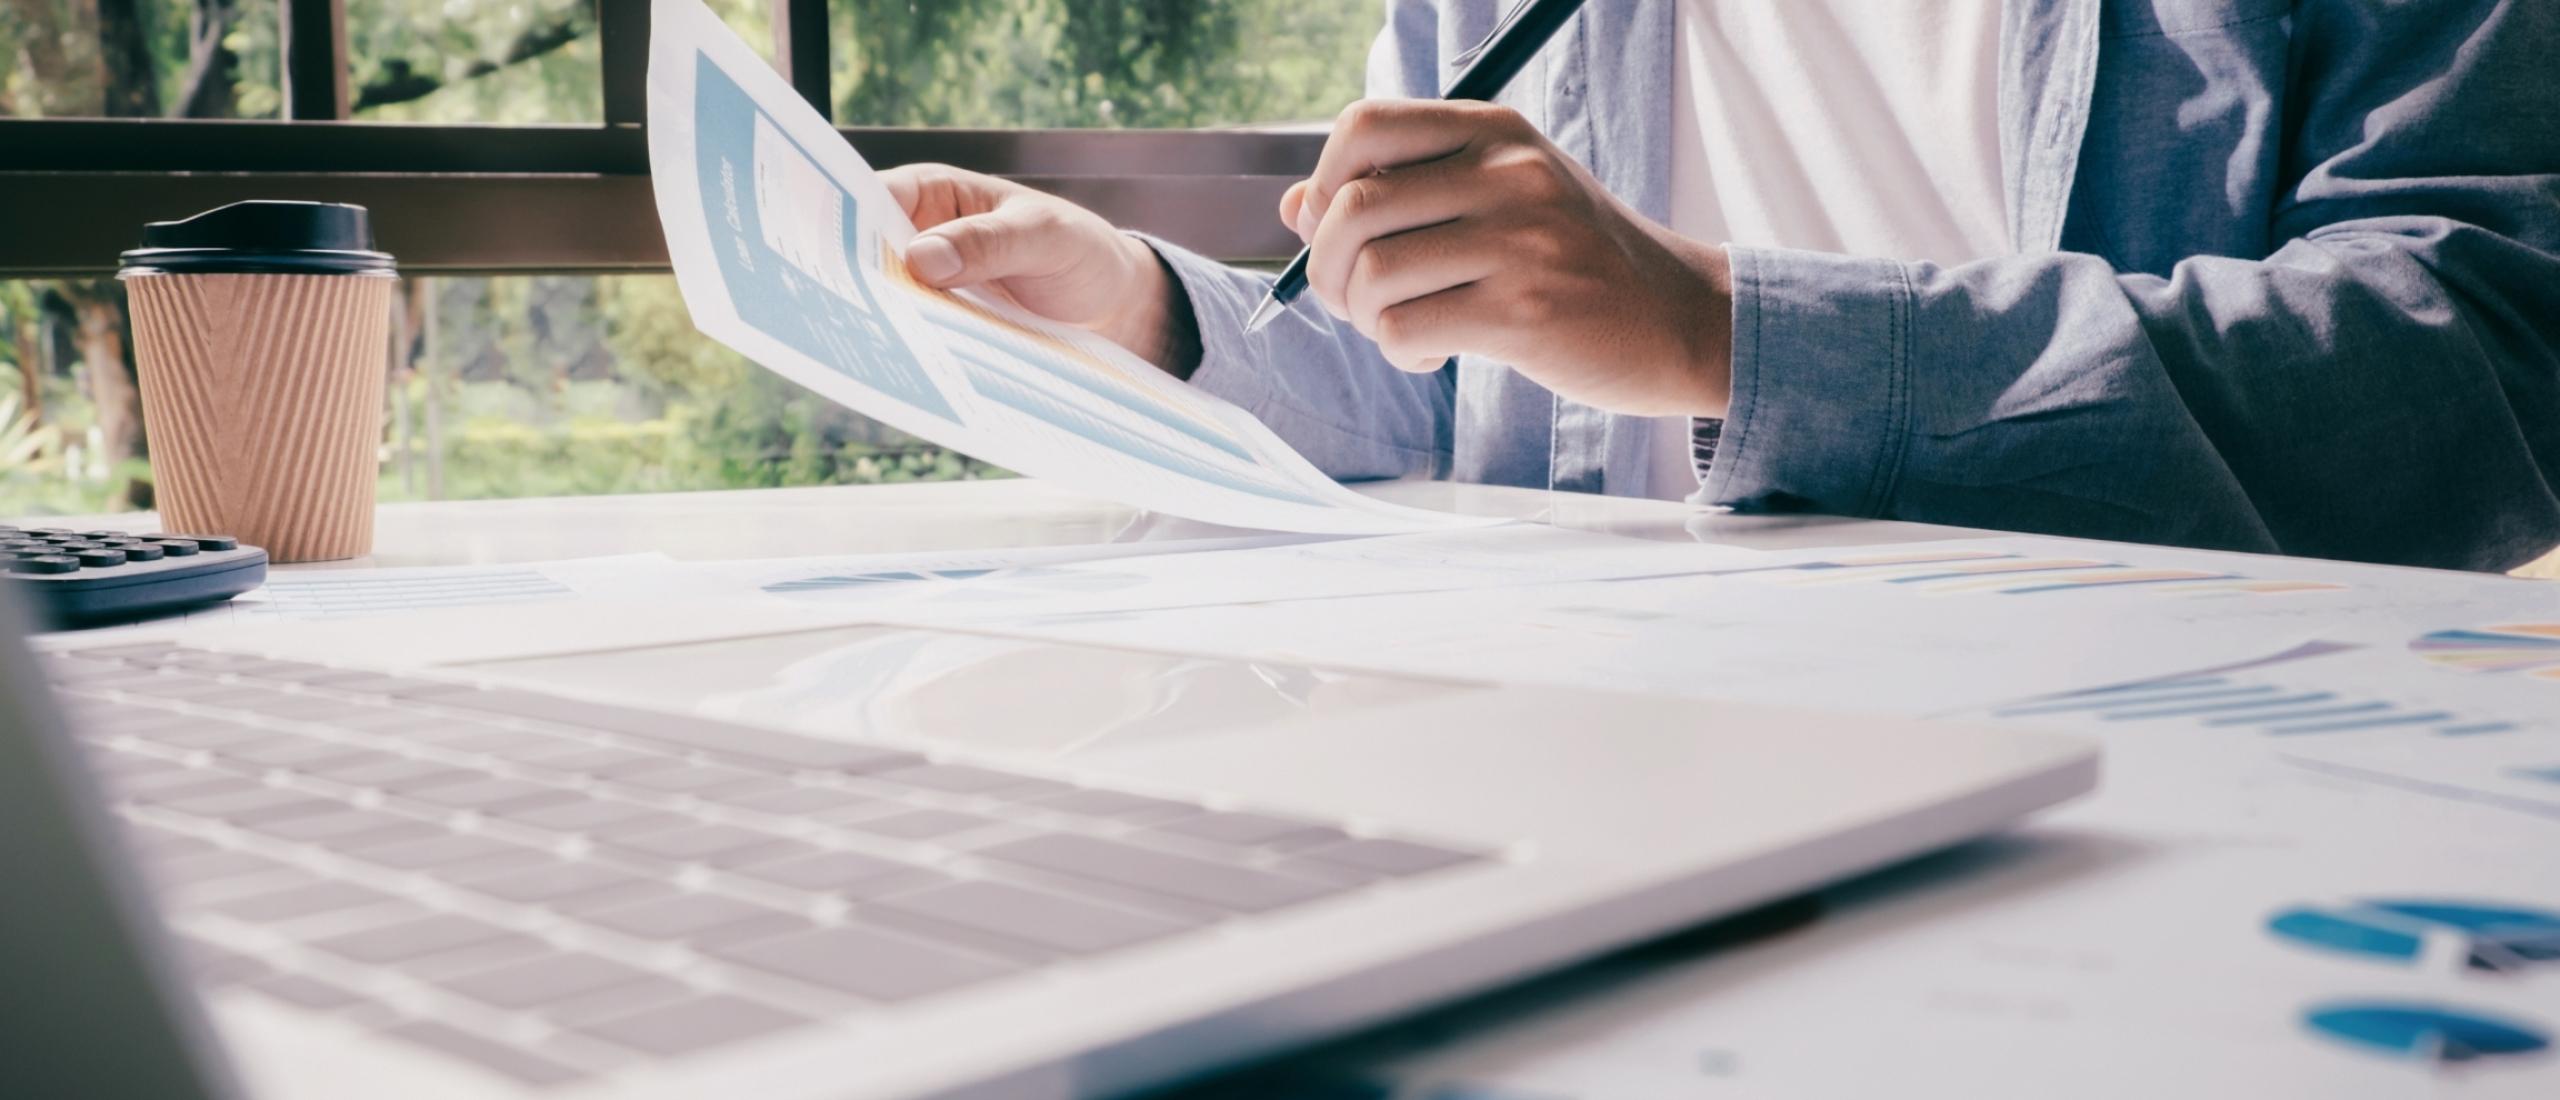 Hoe maak je een marketingplan voor jouw bedrijf?